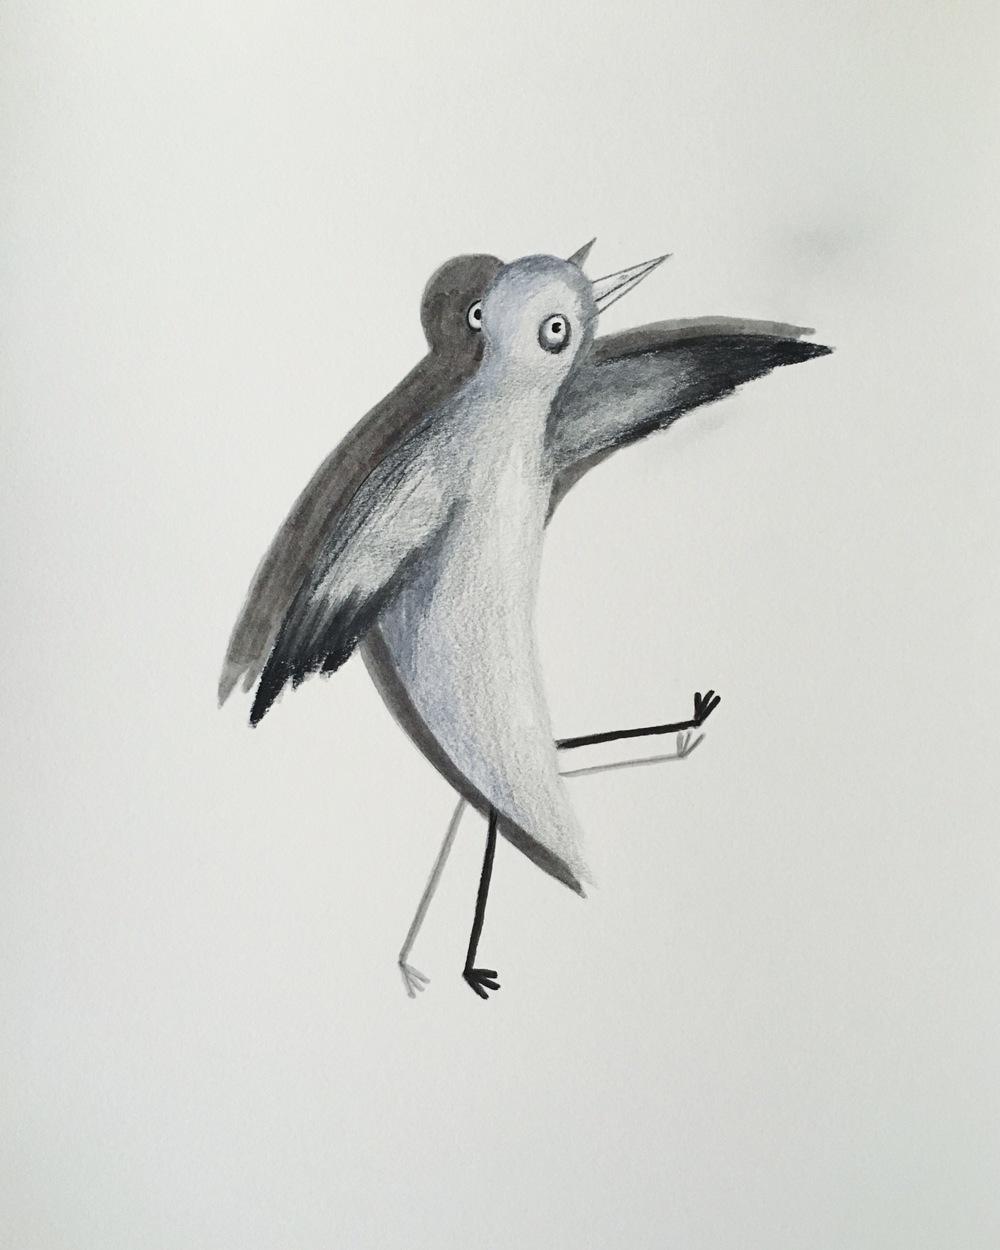 02_turtle_doves.JPG